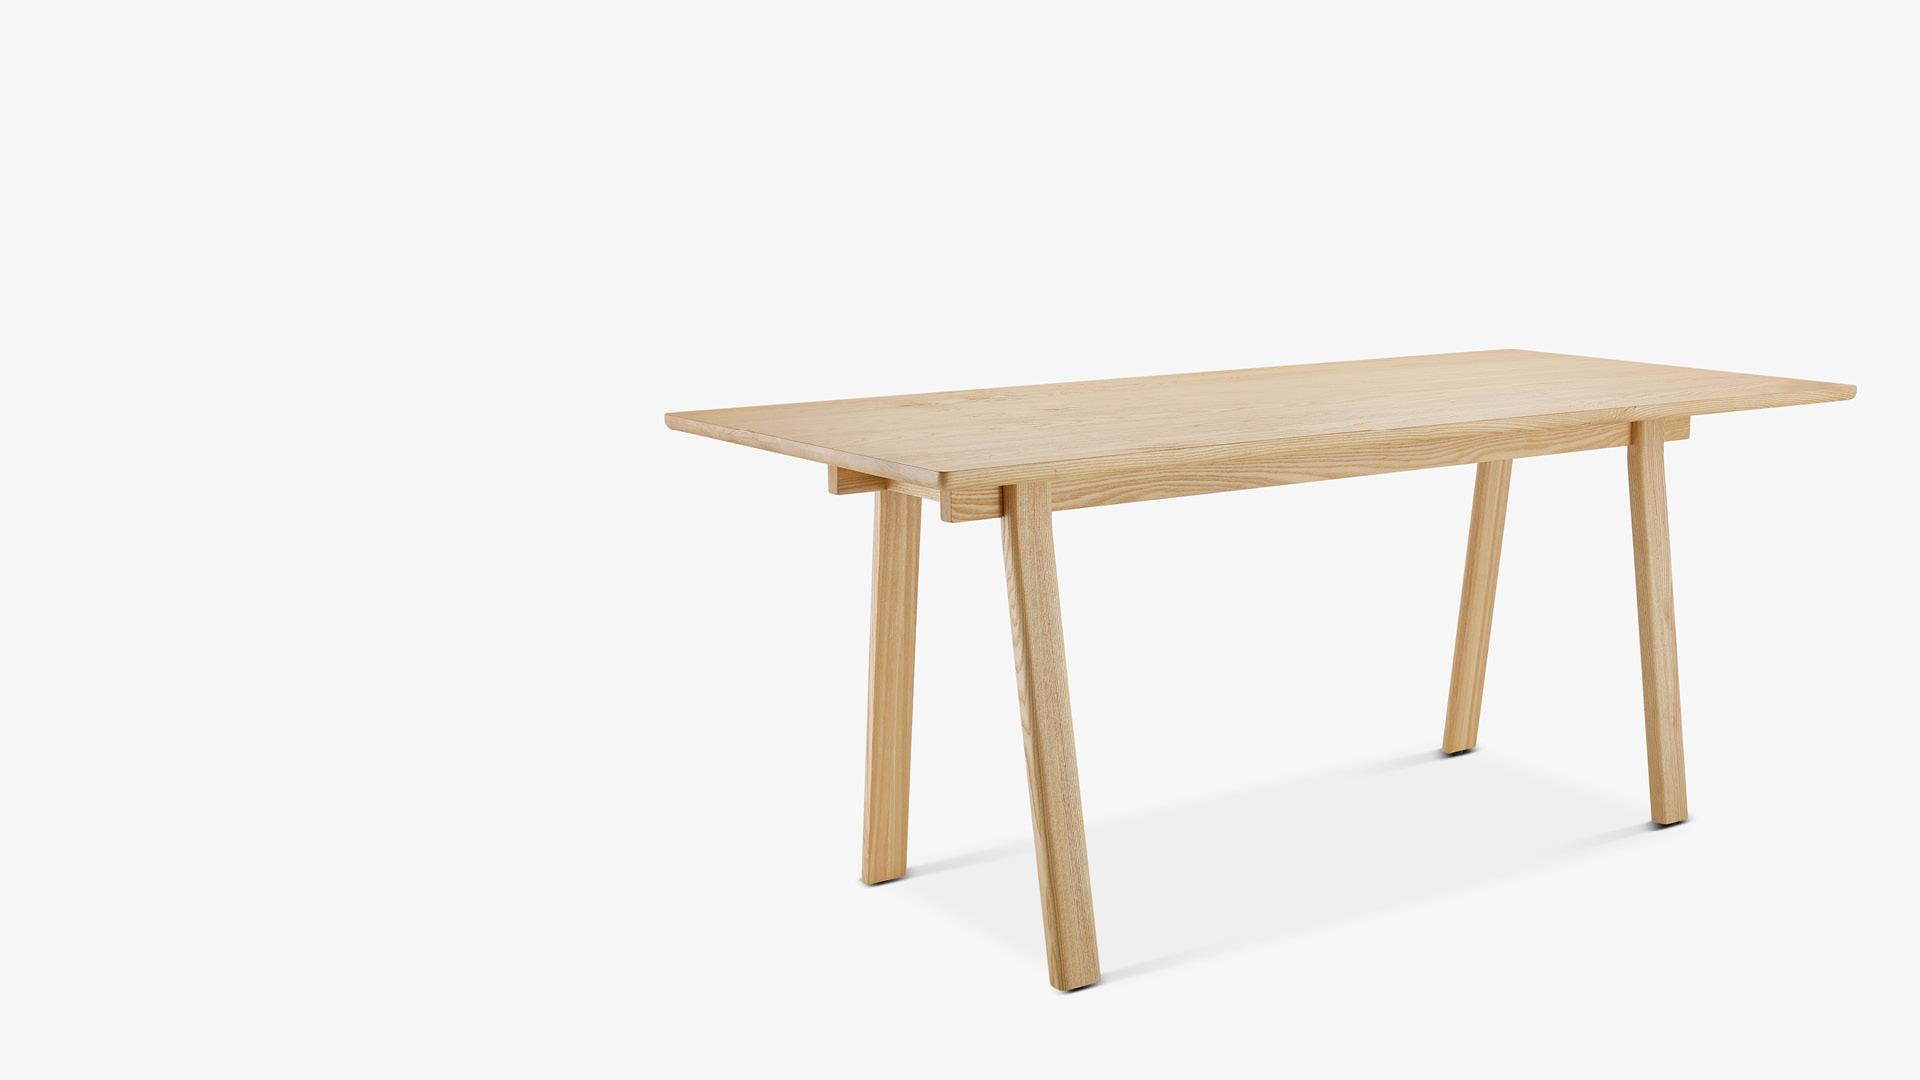 木构建筑灵感<br/>打造全实木挺拔桌几